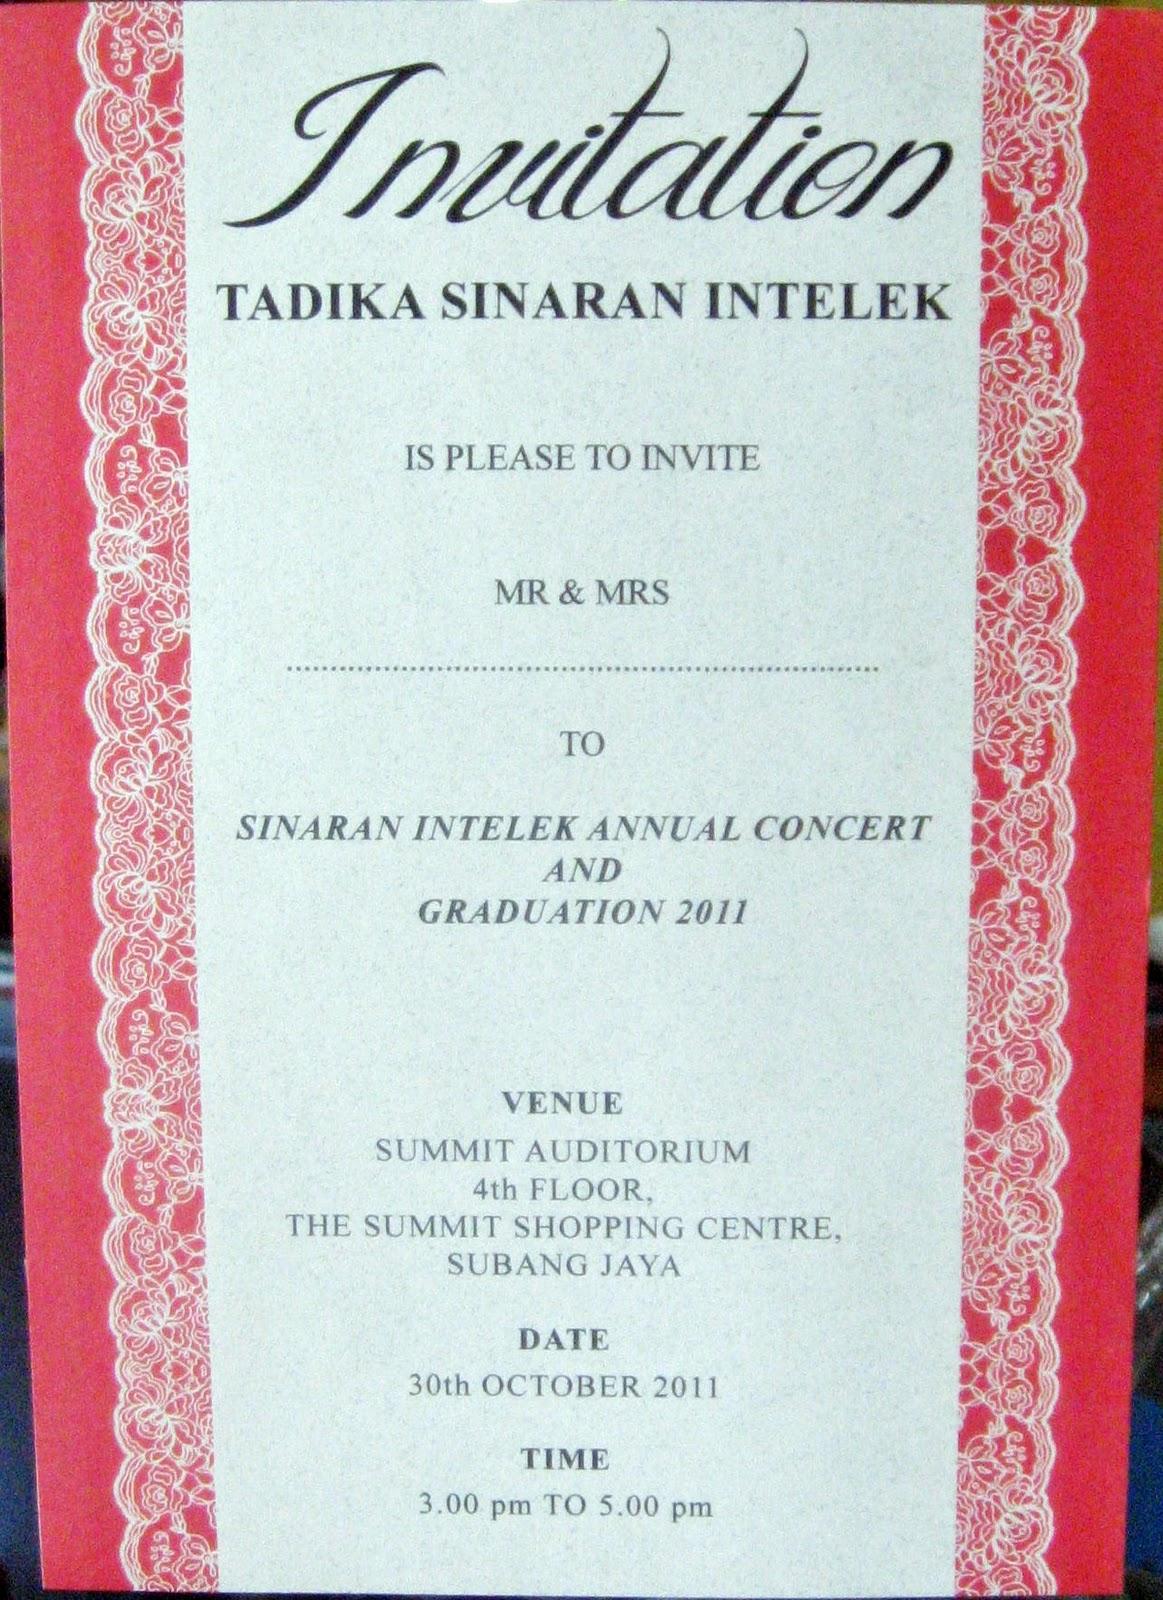 Tadika sinaran intelek concert invitation concert invitation stopboris Gallery